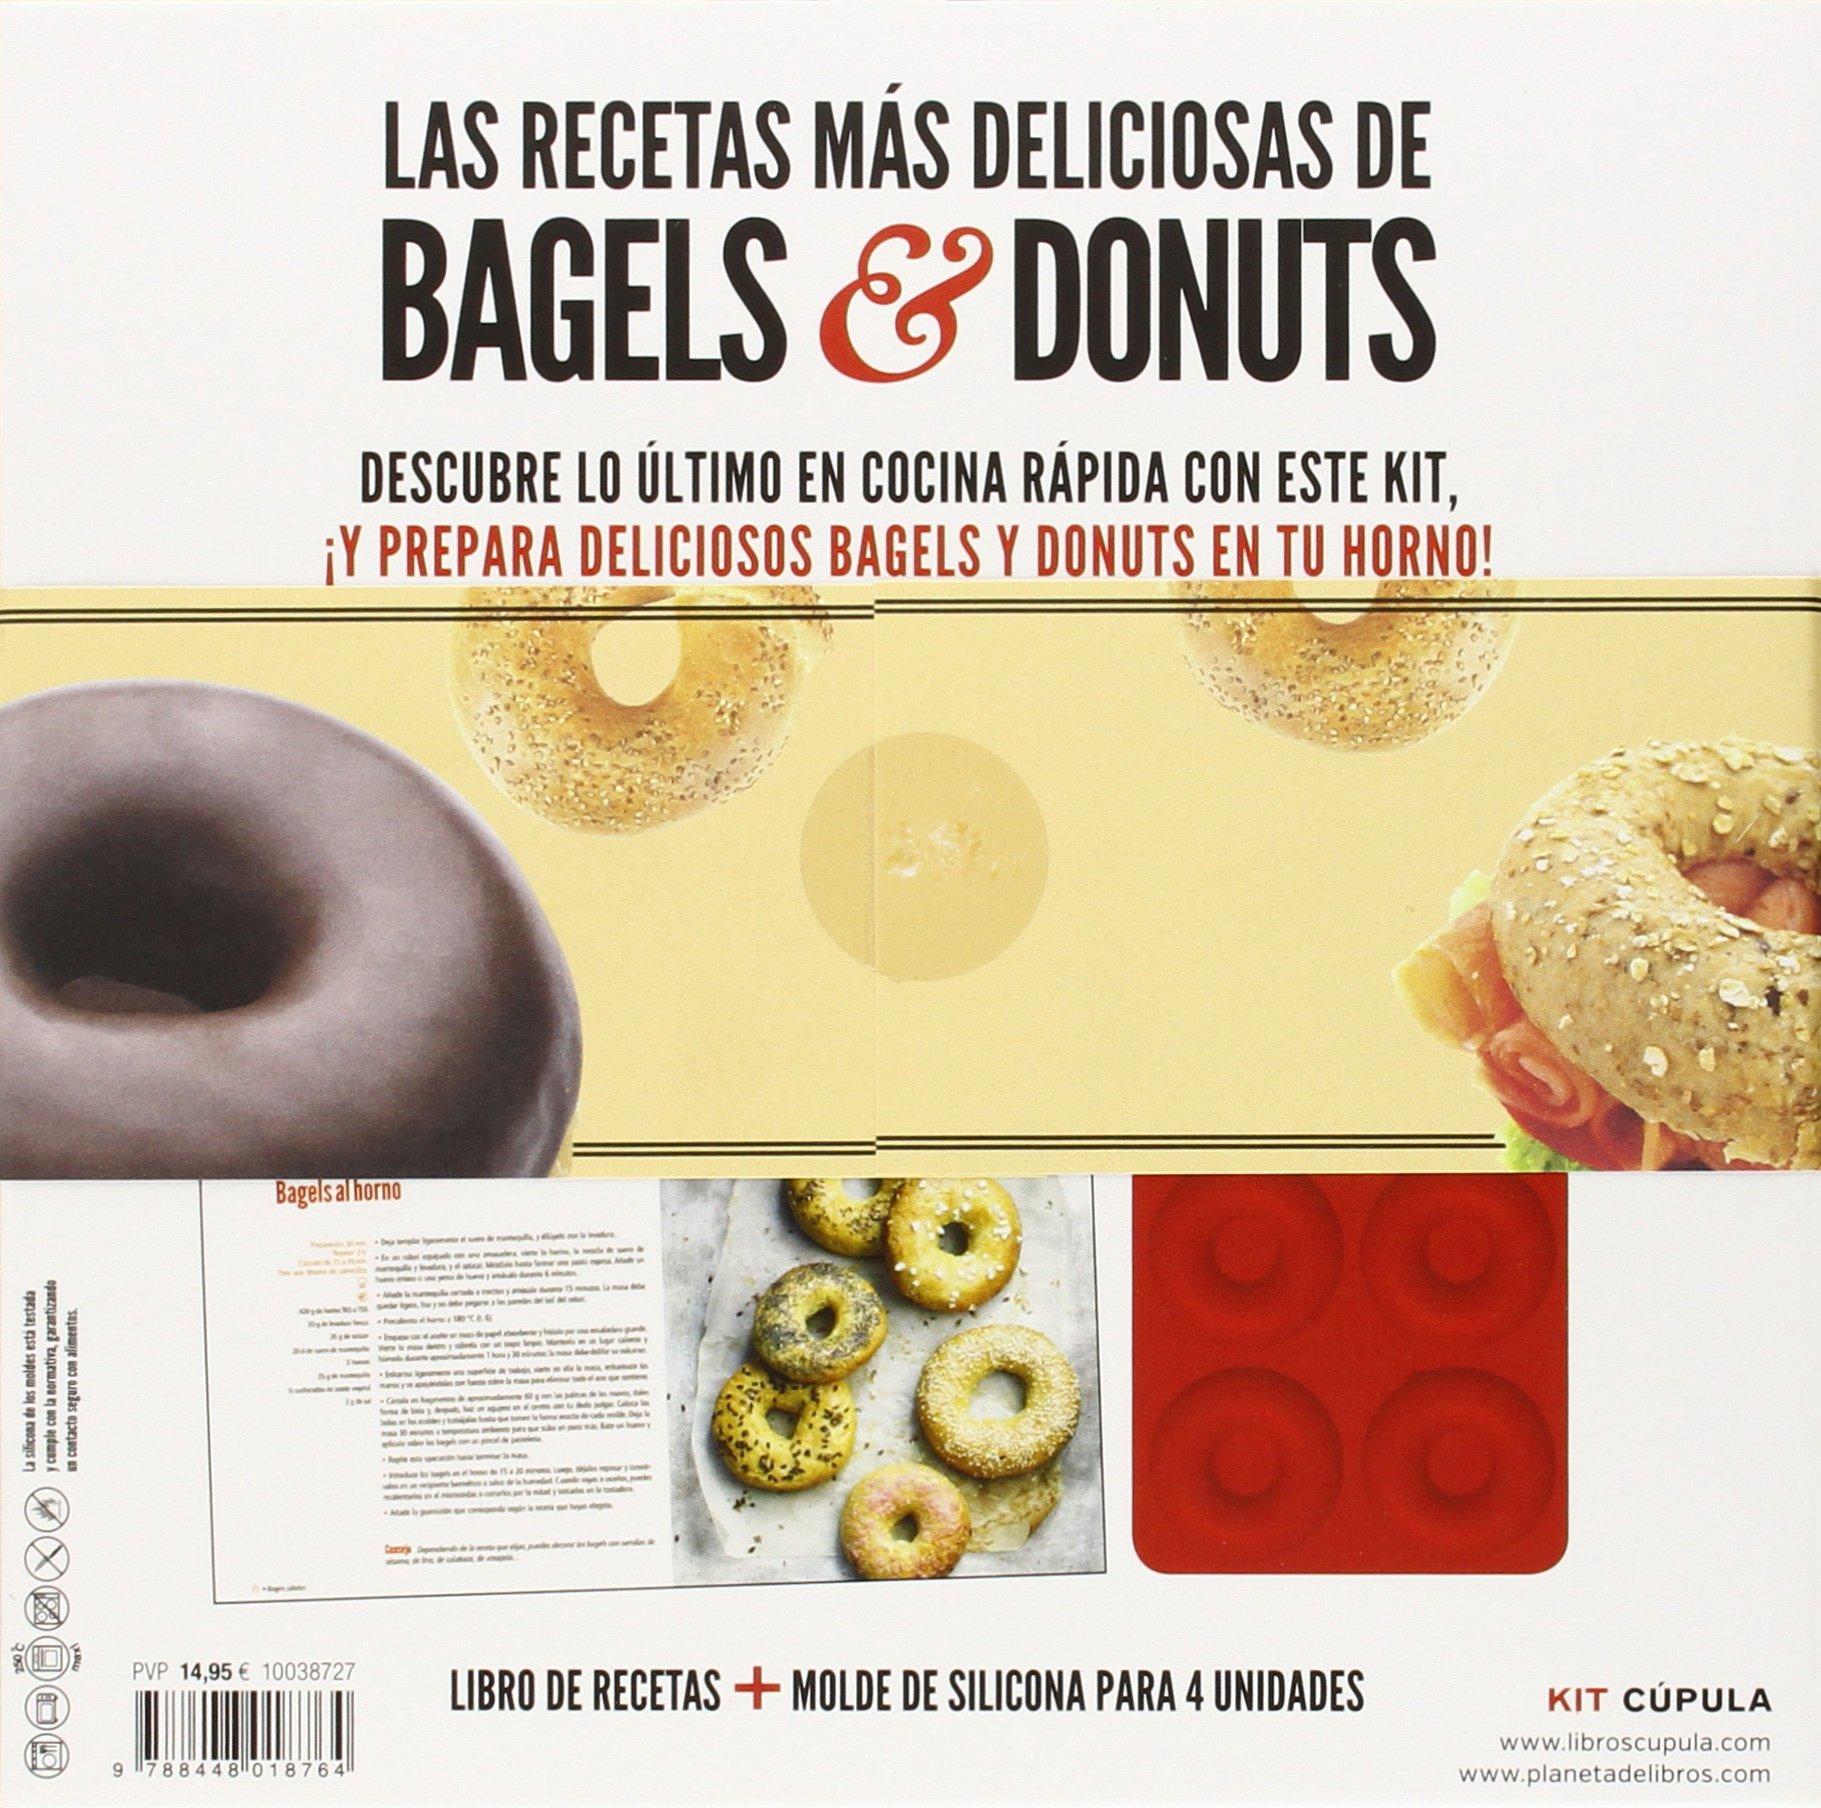 Kit Las recetas más deliciosas de bagels & rosquillas: AA. VV.: 9788448018764: Amazon.com: Books